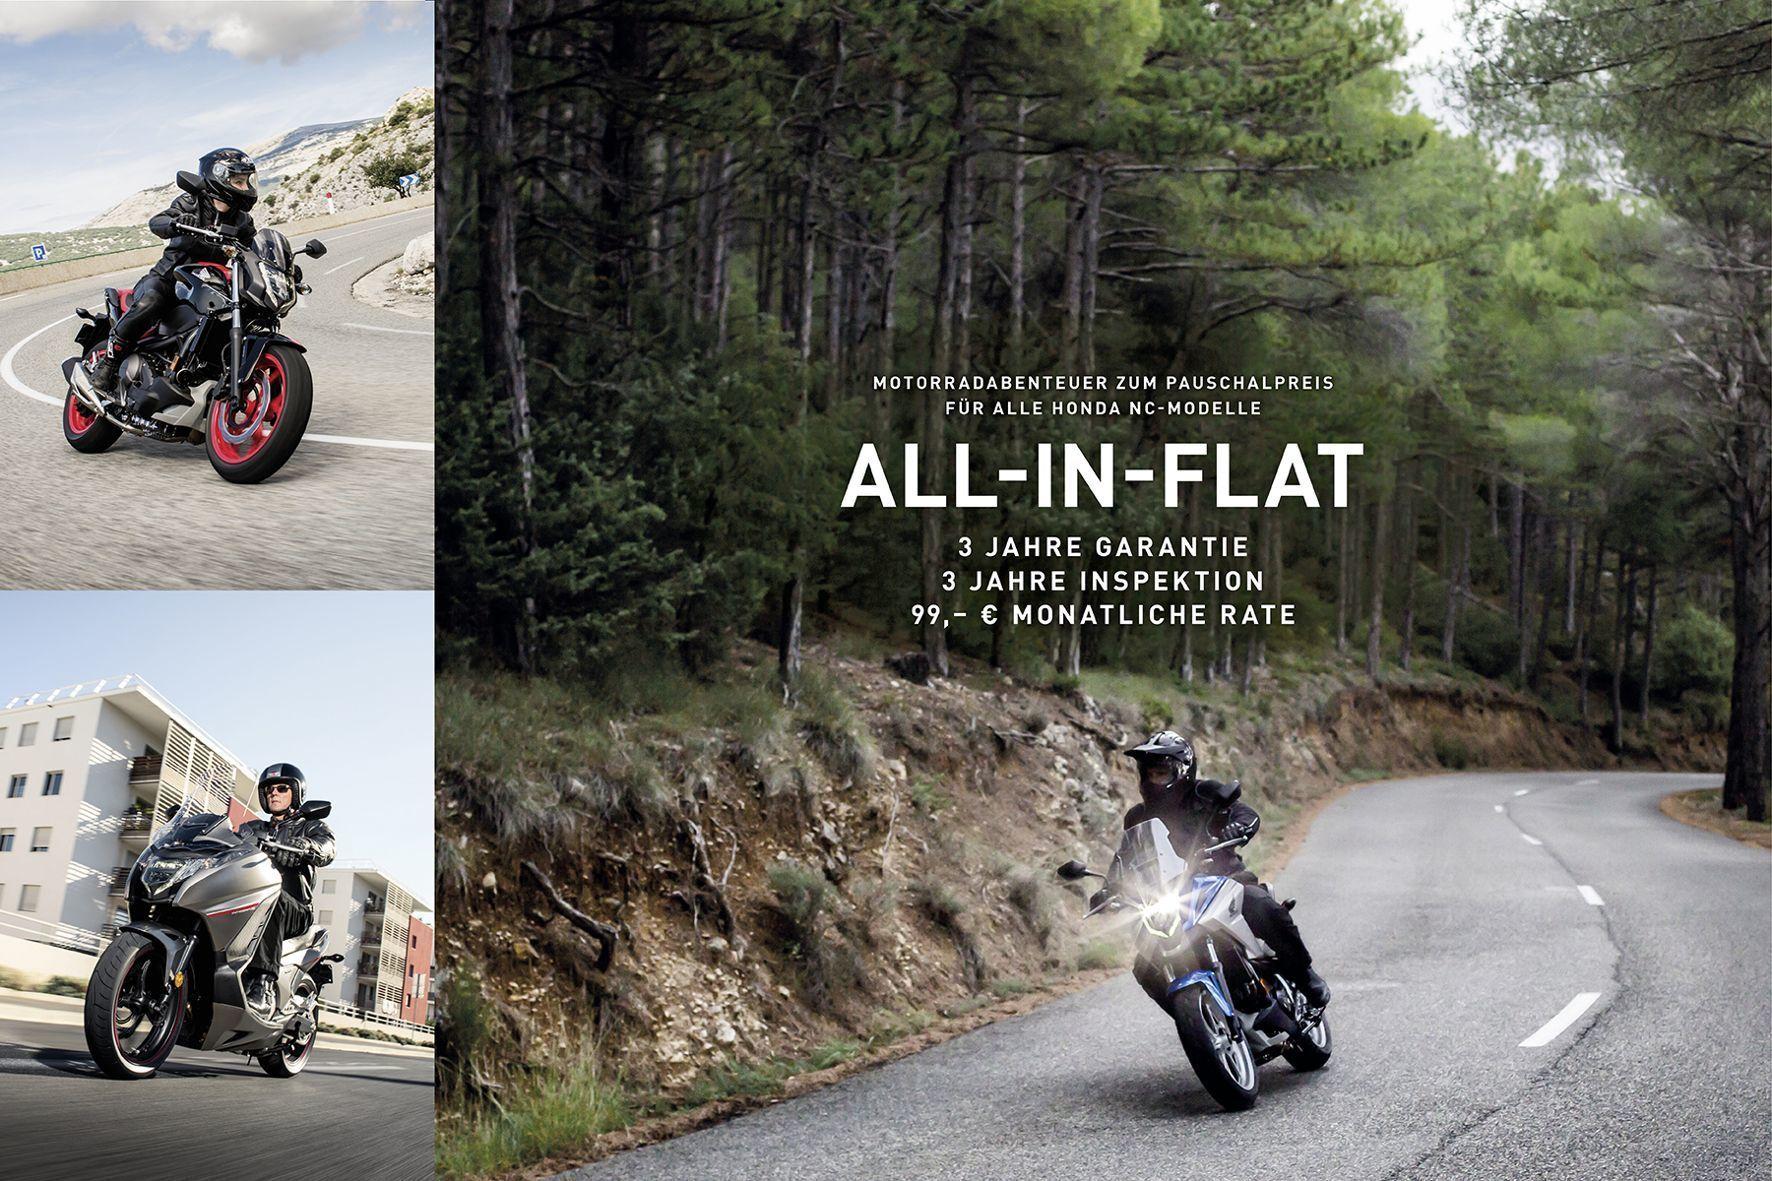 mid Groß-Gerau - Inspektionen inklusive: Honda bietet seine NC-Modelle jetzt mit All-in-Flatrate an.